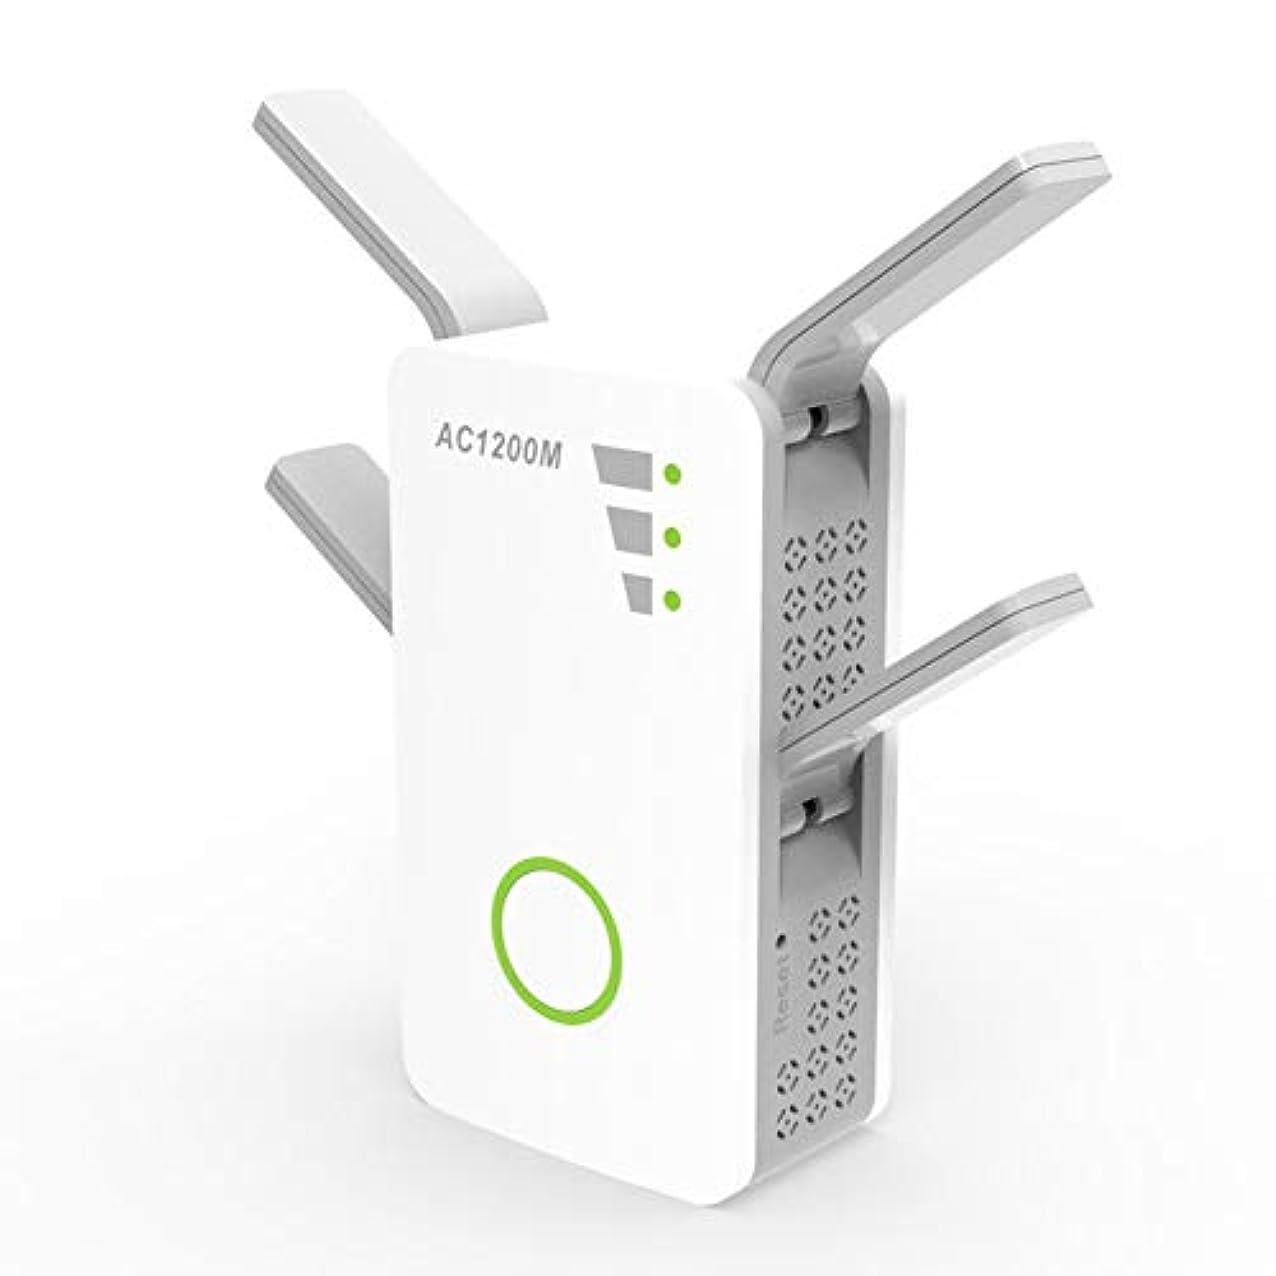 陰謀トレイトランスペアレントWLANリピータ、4つの外部アンテナと無線ルータ(ルータ/リピータ/ APモードを1200mbps /ほとんどの無線LANデバイスとの互換性ボタン/APモード/EUプラグを、WPS (Size : UK)